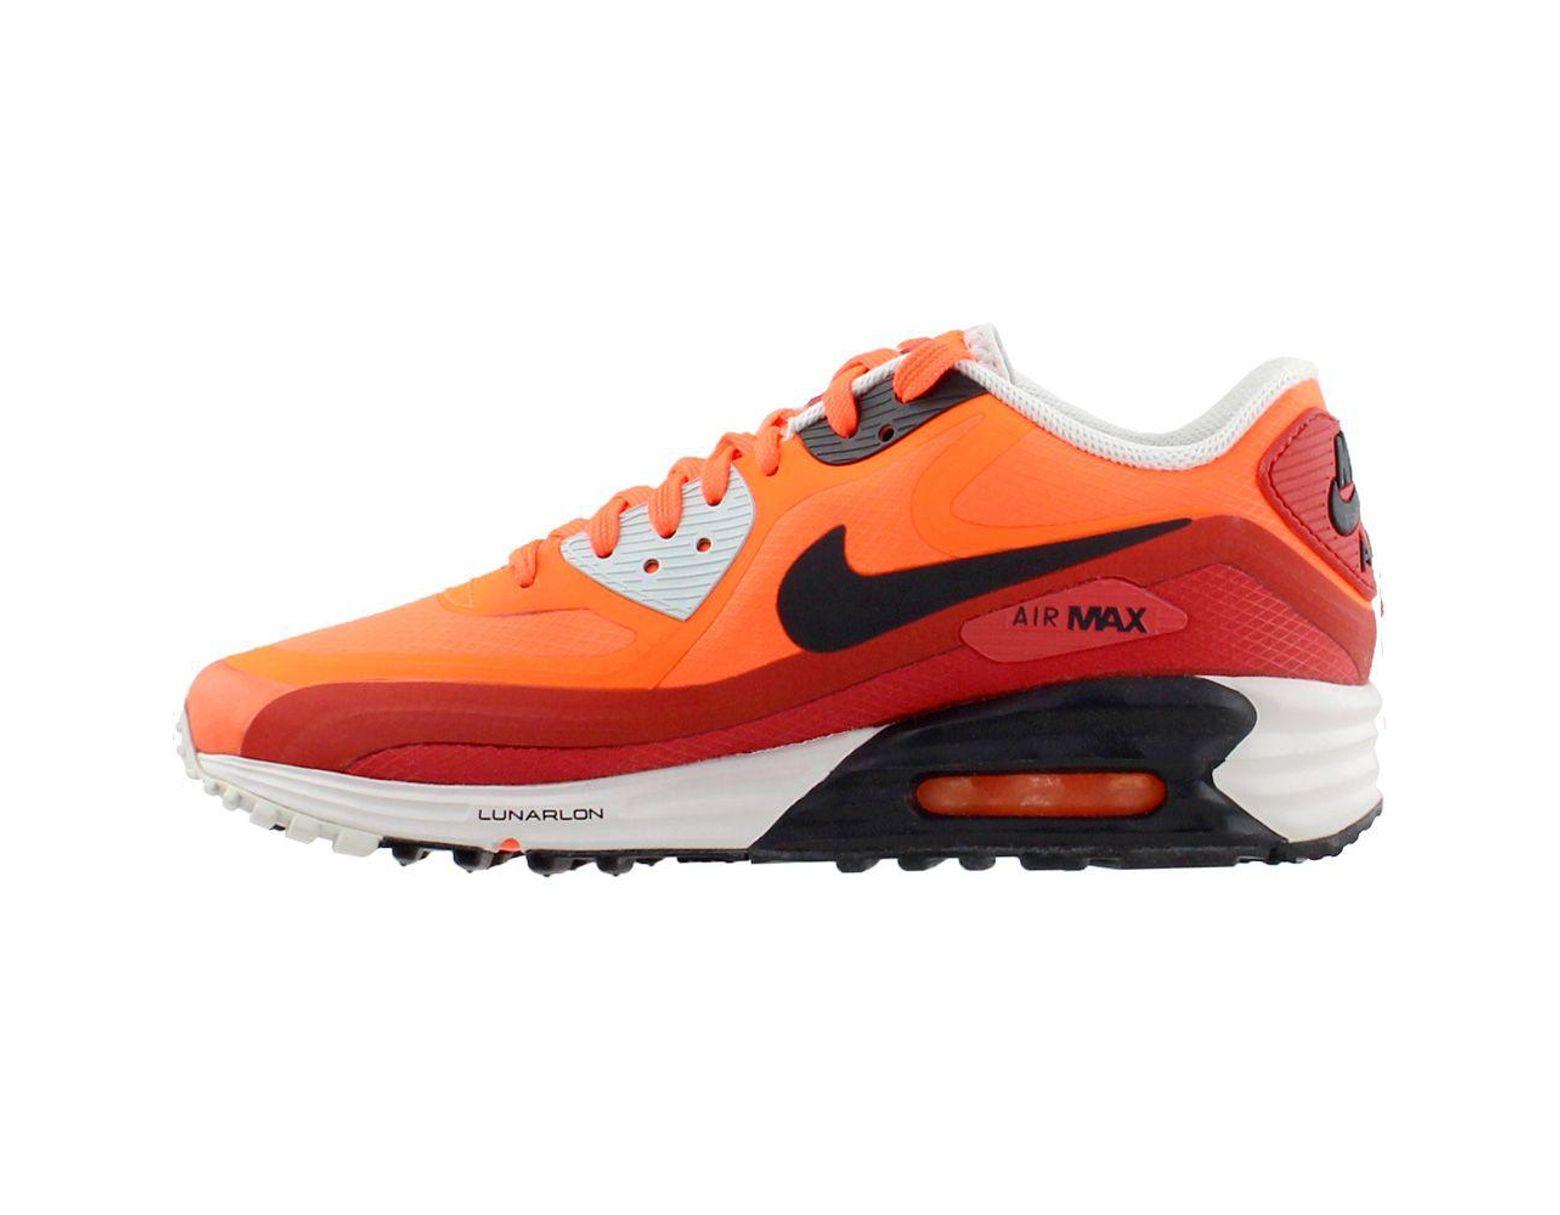 meilleur authentique 3060a 13227 Men's Orange Air Max Lunar90 Wr